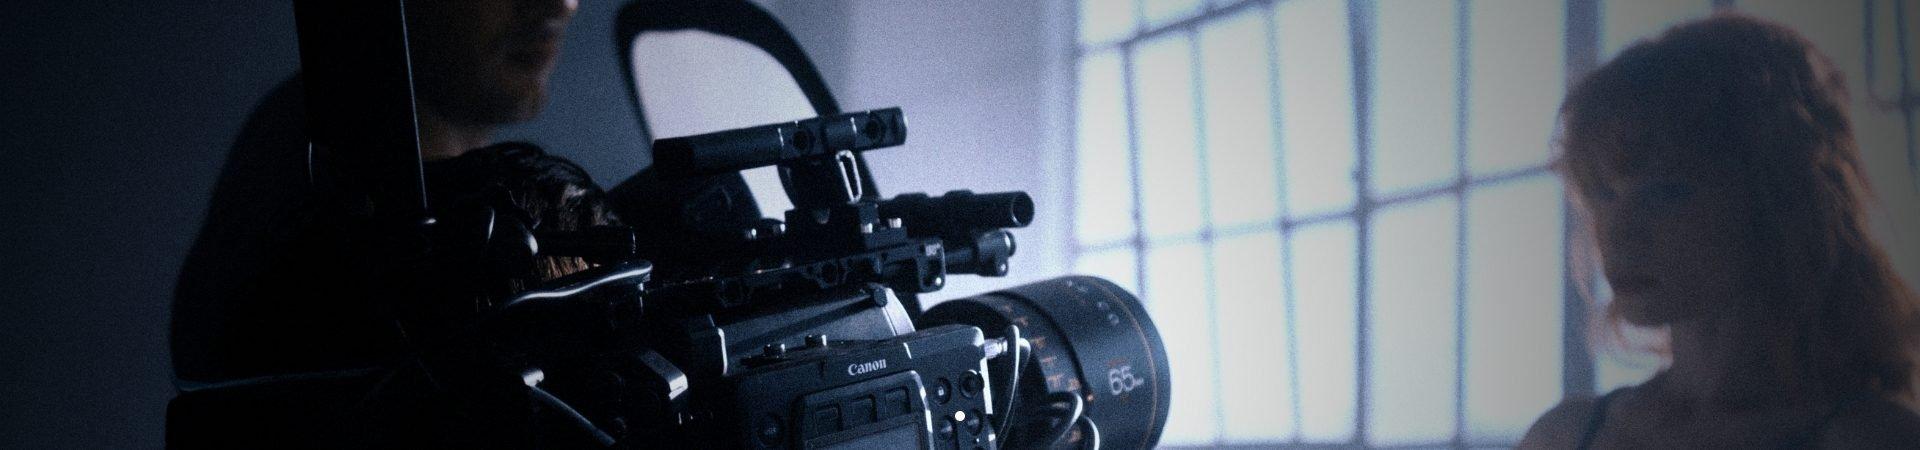 Portfolios - Filmes e Vídeos Corporativos e Publicitários